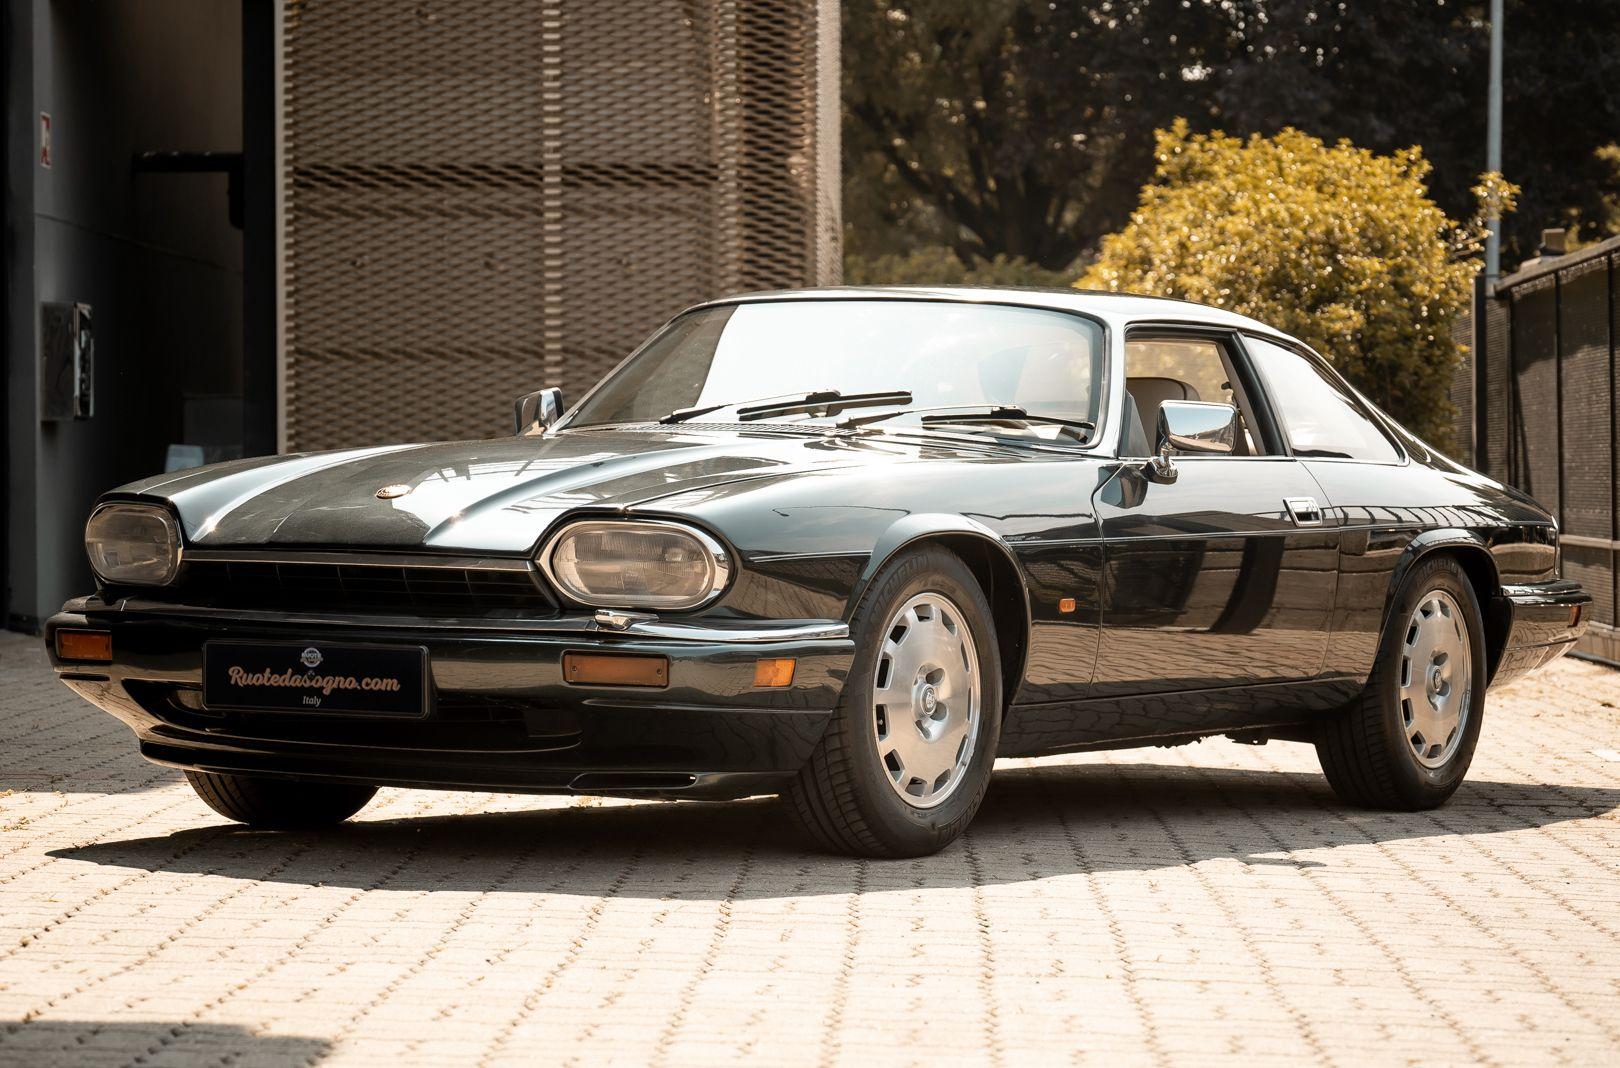 1996 Jaguar XJS Coupé Celebration 4.0 73920